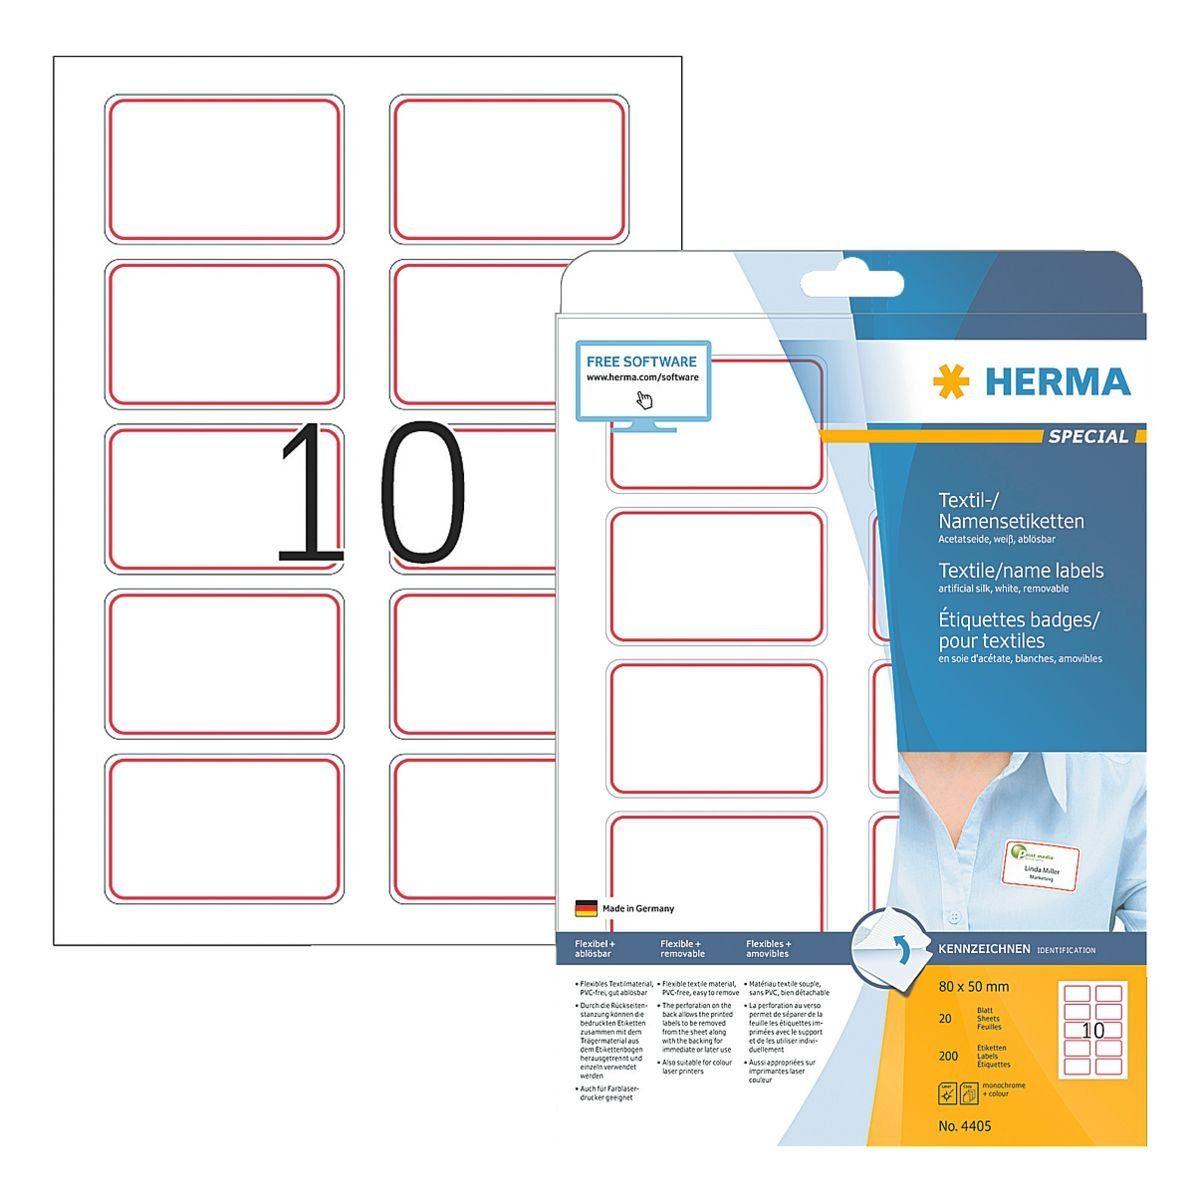 Herma 200er-Pack Namens-/Textiletiketten »4405«